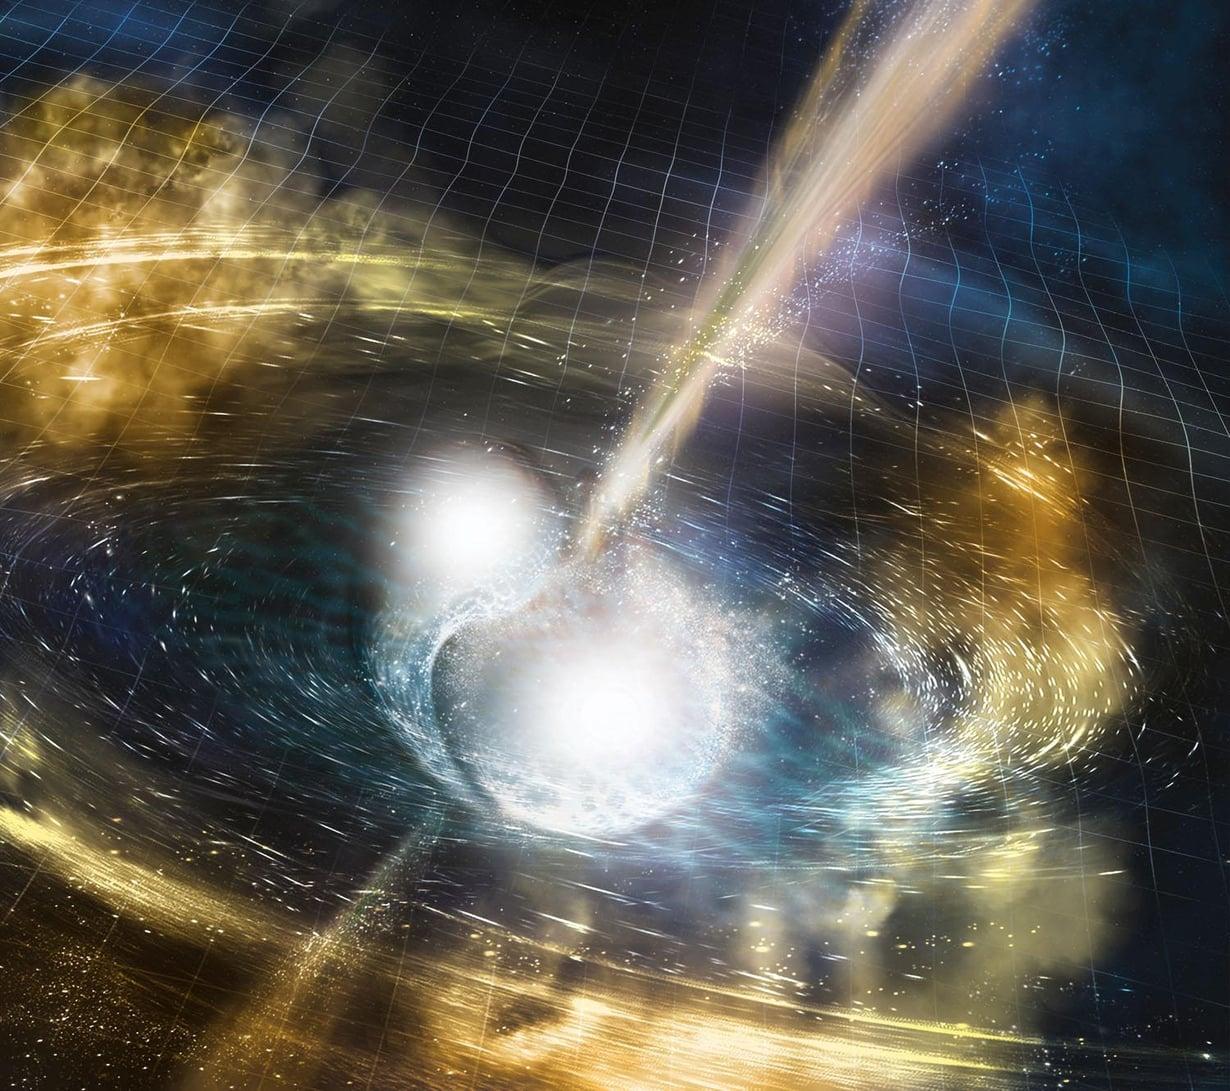 Taiteilijan näkemys neutronitähtien törmäyksestä. Kuva: NSF/LIGO/Sonoma State University/A. Simonnet